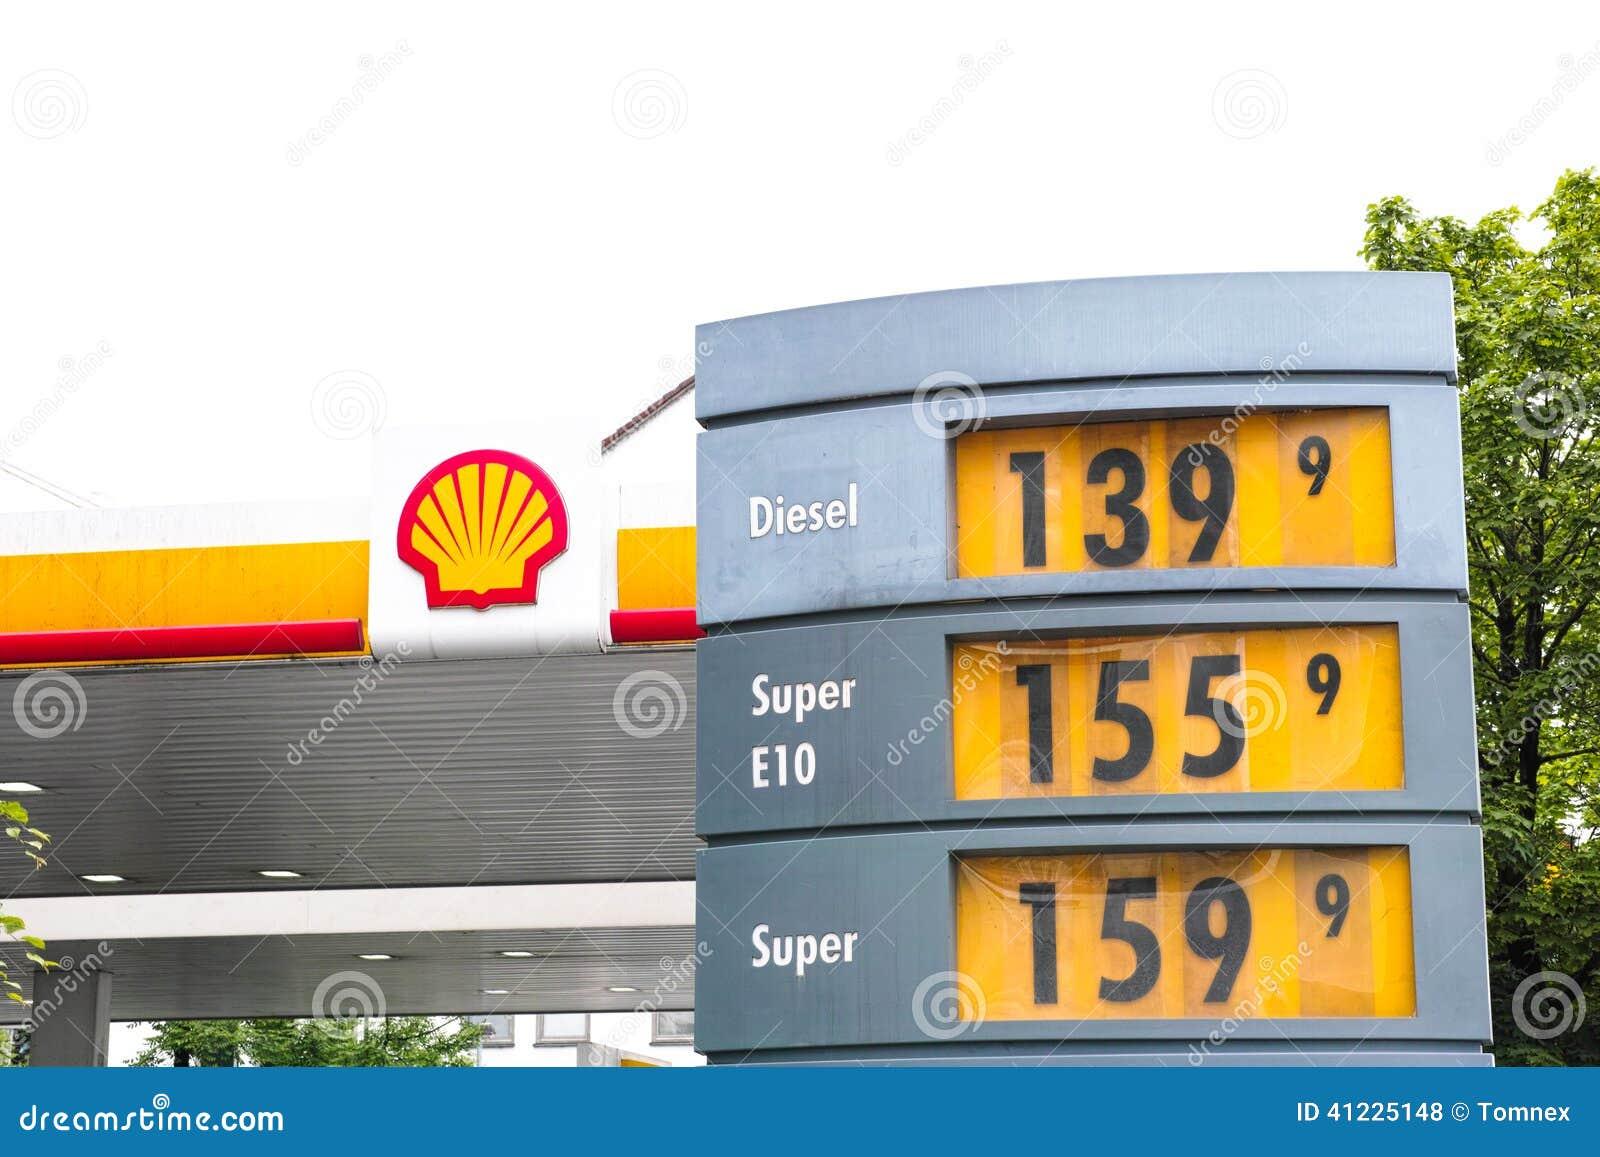 Τιμές του φυσικού αερίου της Shell